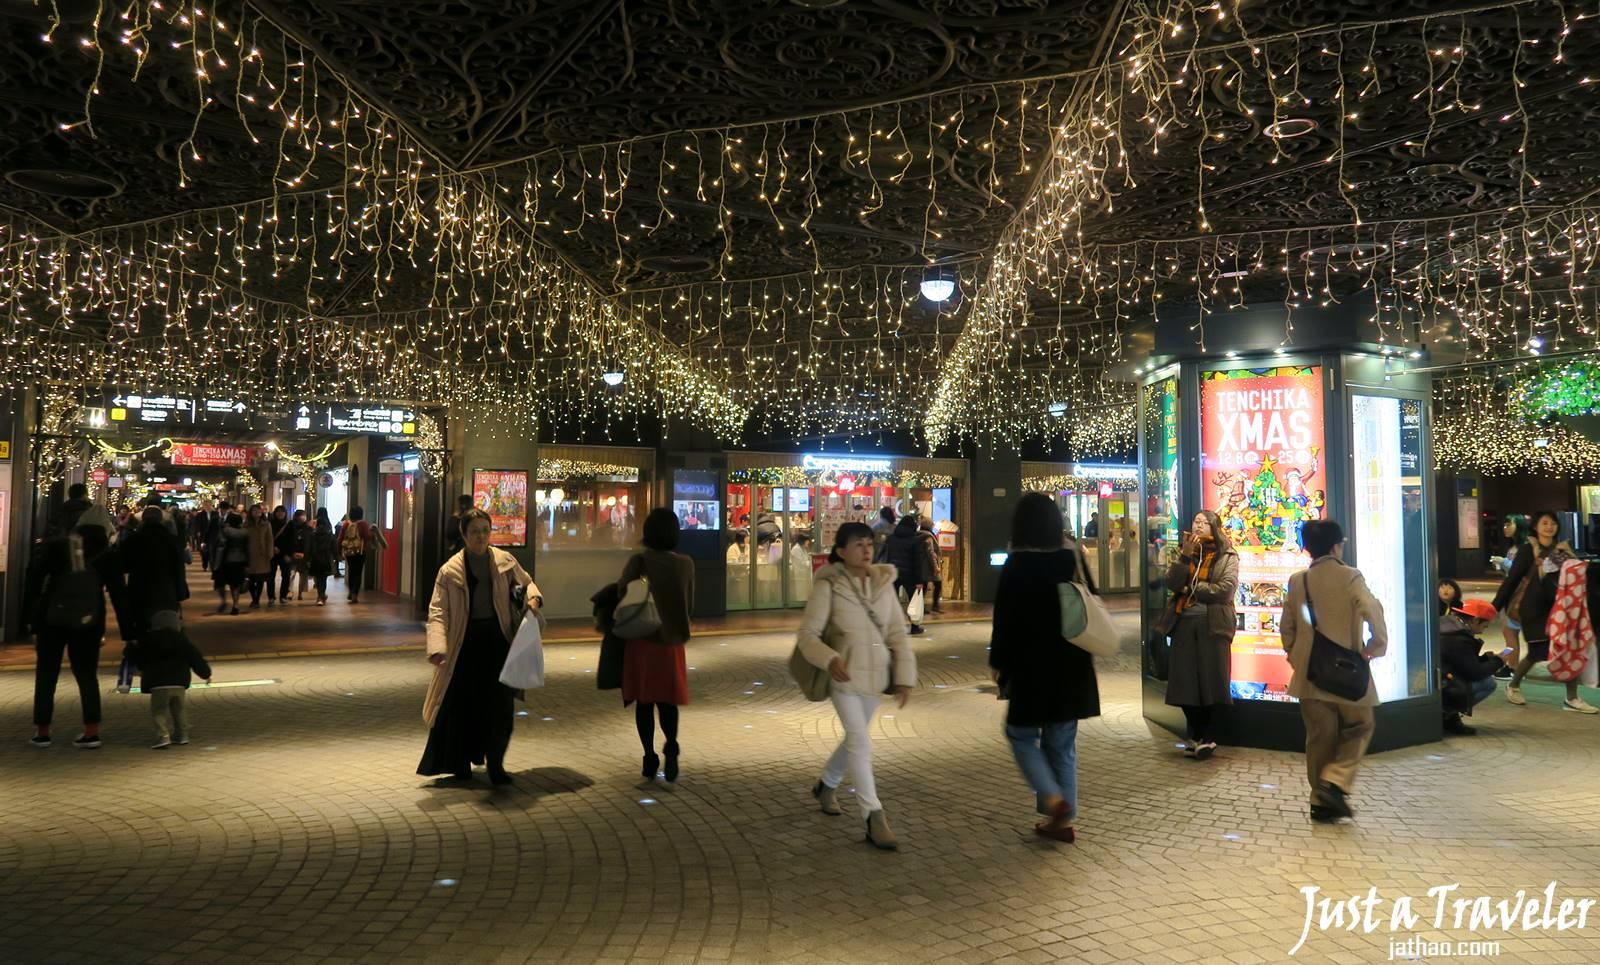 福岡-景點-推薦-天神地下街-福岡好玩景點-福岡必玩景點-福岡必去景點-福岡自由行景點-攻略-市區-郊區-旅遊-行程-Fukuoka-Tourist-Attraction